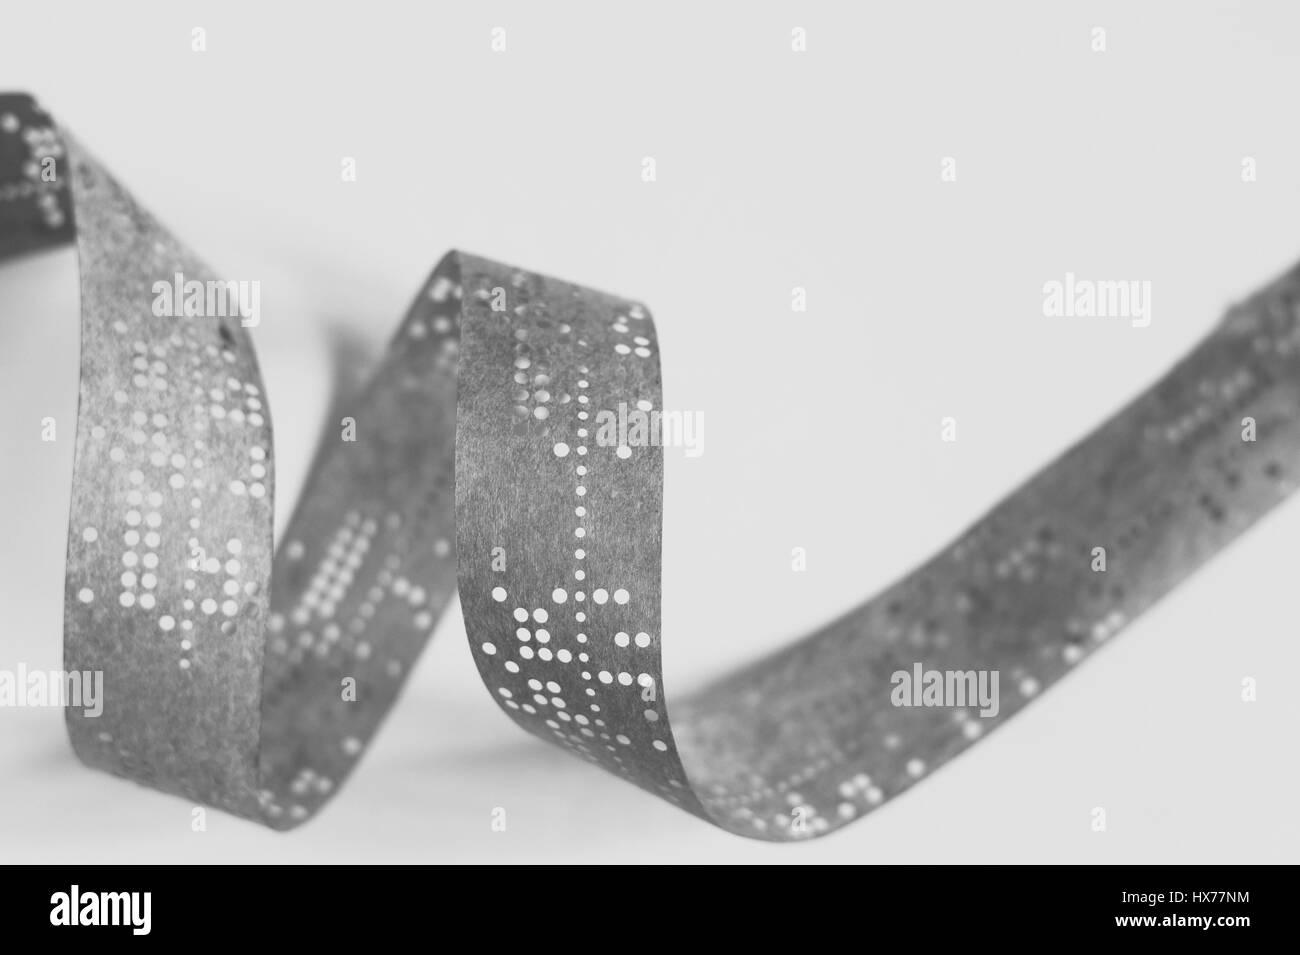 Strisce di vecchio nastro punzonato sulla superficie bianca Immagini Stock